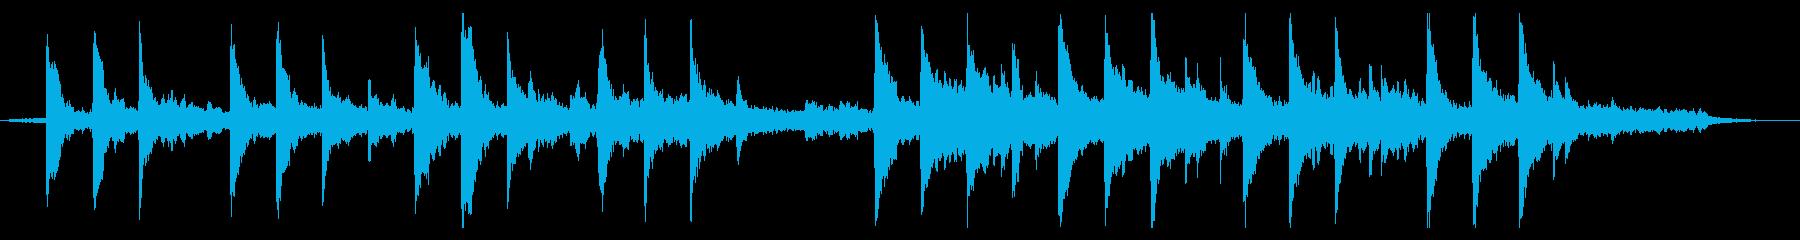 アンビエント風のエモーショナルなピアノの再生済みの波形